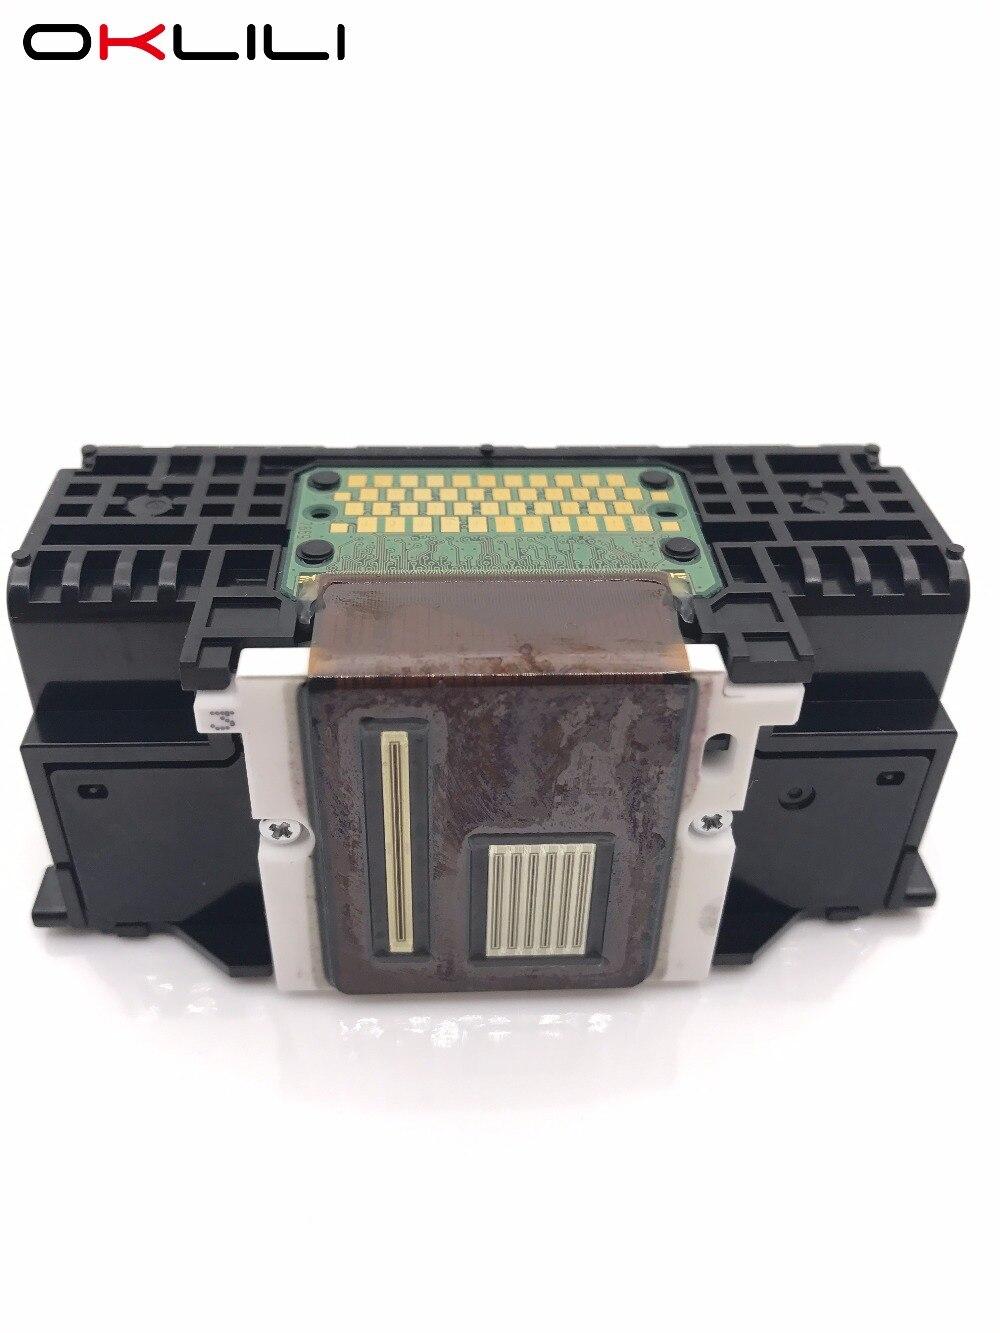 QY6-0082 печатающей головки для Canon MG5520 MG5540 MG5550 MG5650 MG5740 MG5750 MG6440 MG6600 MG6420 MG6450 MG6640 MG6650